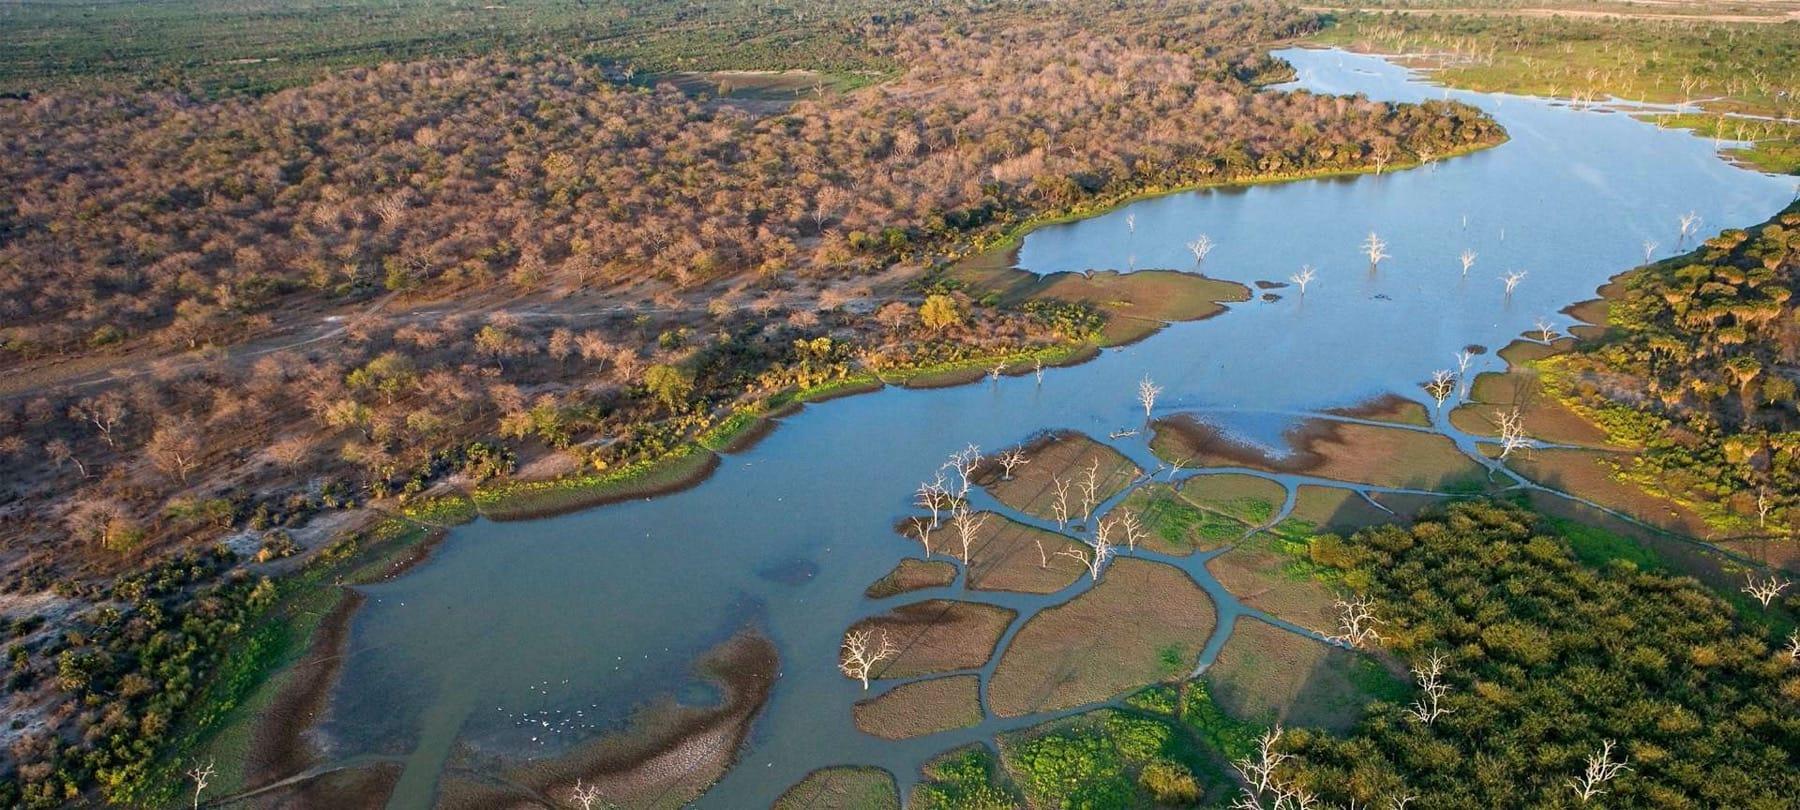 The Okavango Delta is one of Africa's marvels